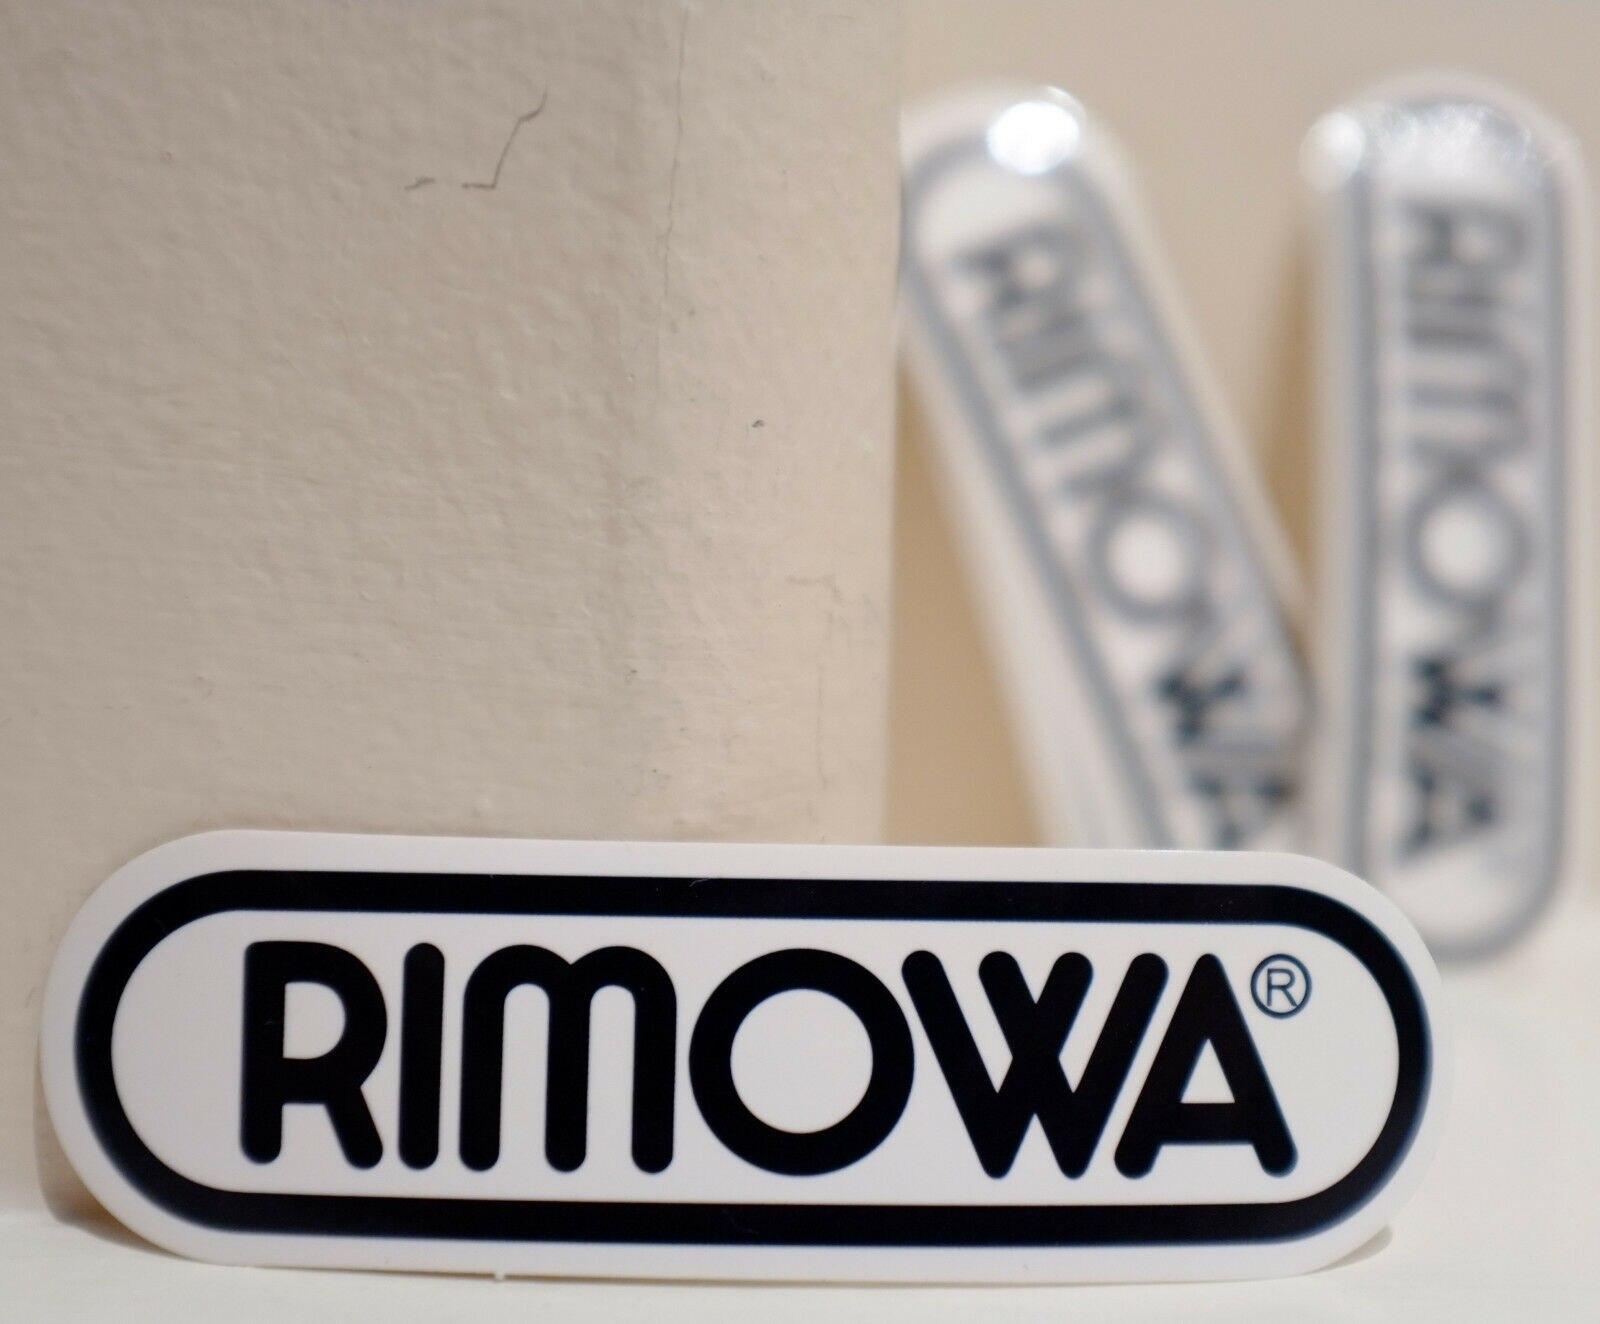 Para rimowa etiqueta de bagagem preta logotipo adesivo decalque impermeável